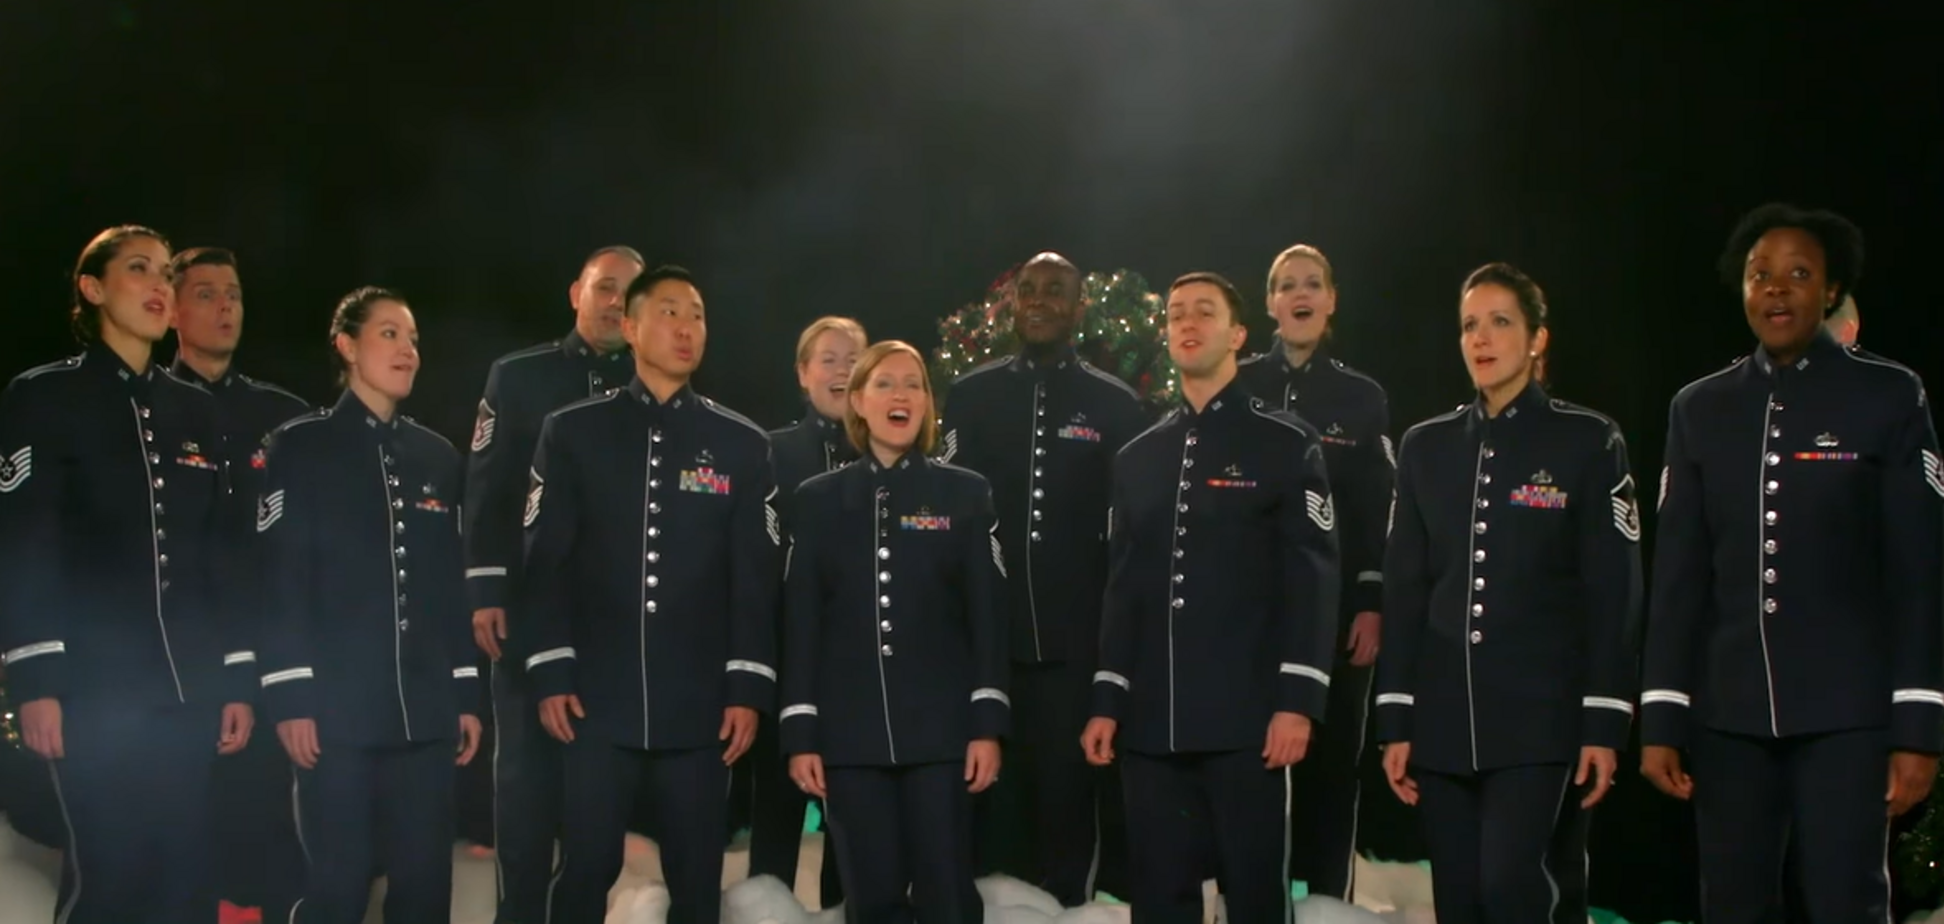 Військовий оркестр США заспівав 'Щедрик' і побажав Україні 'миру і радості'. Відео